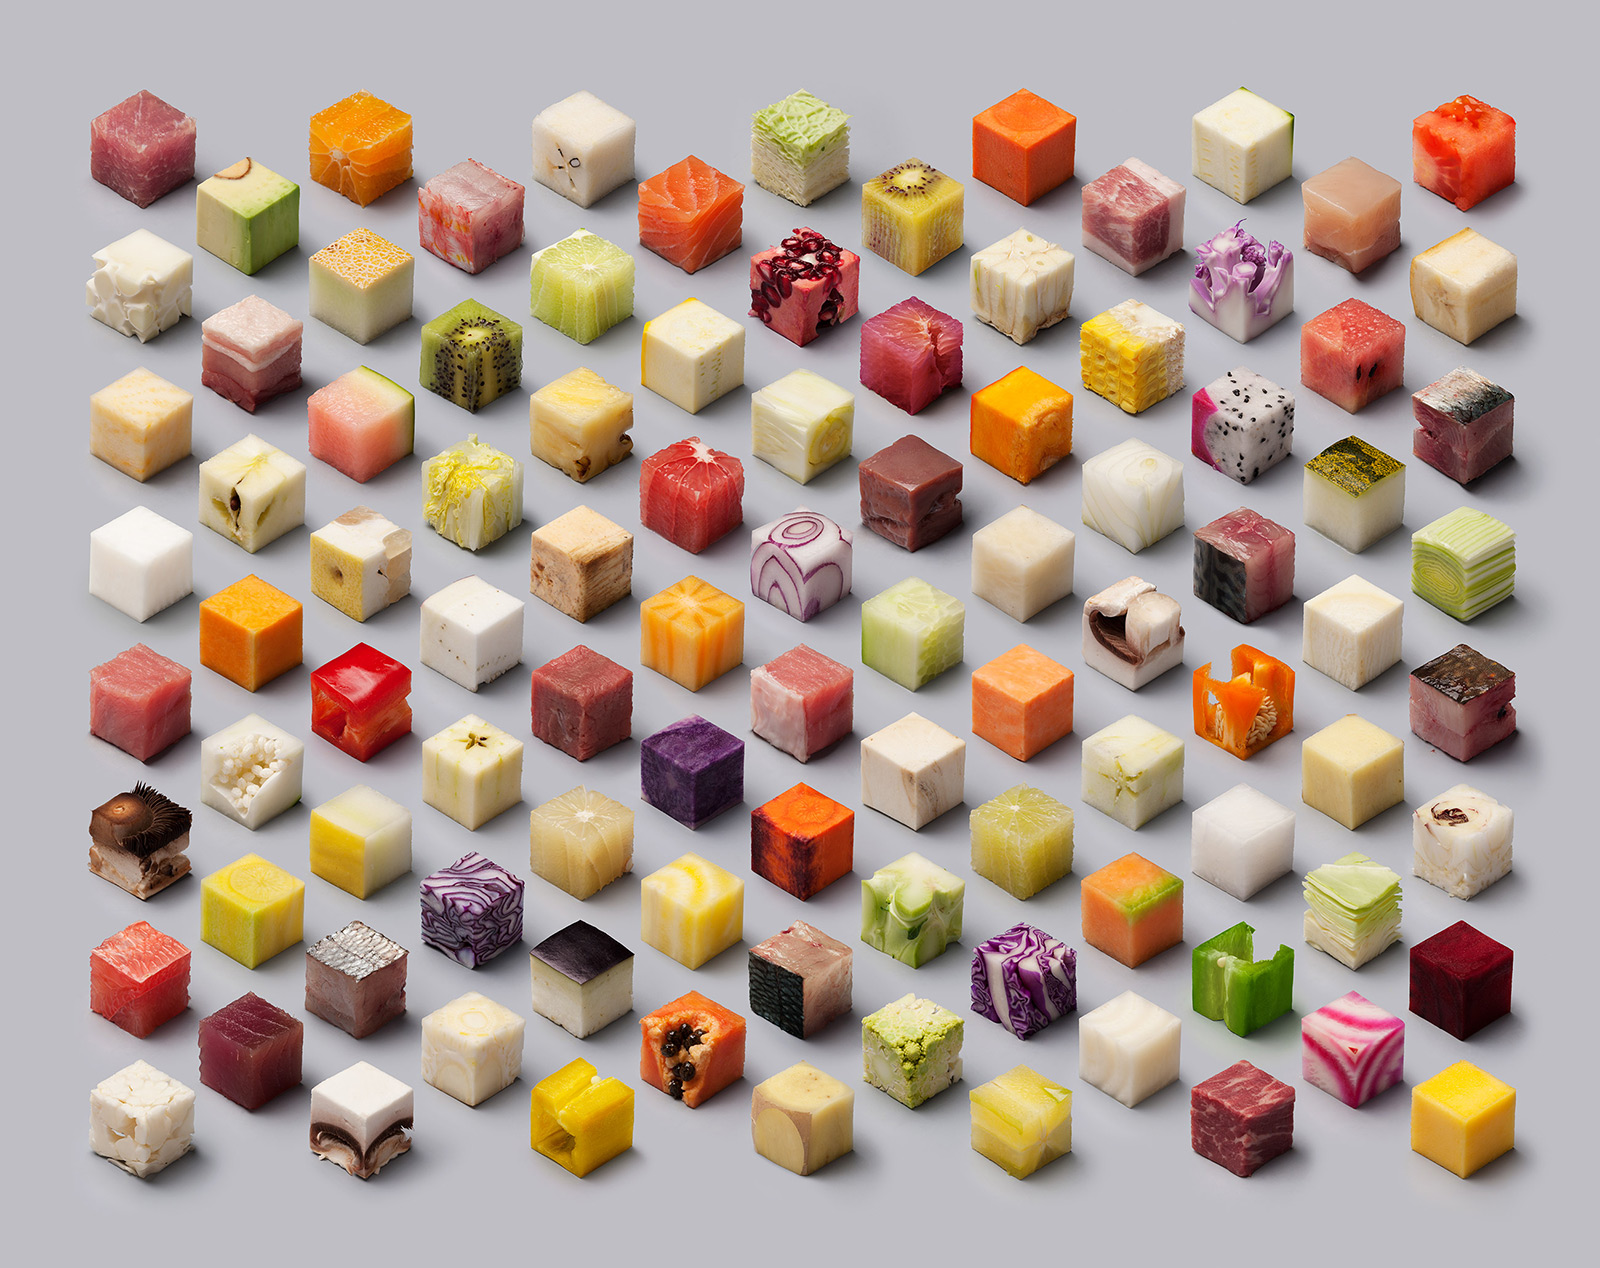 Еда в кубиках